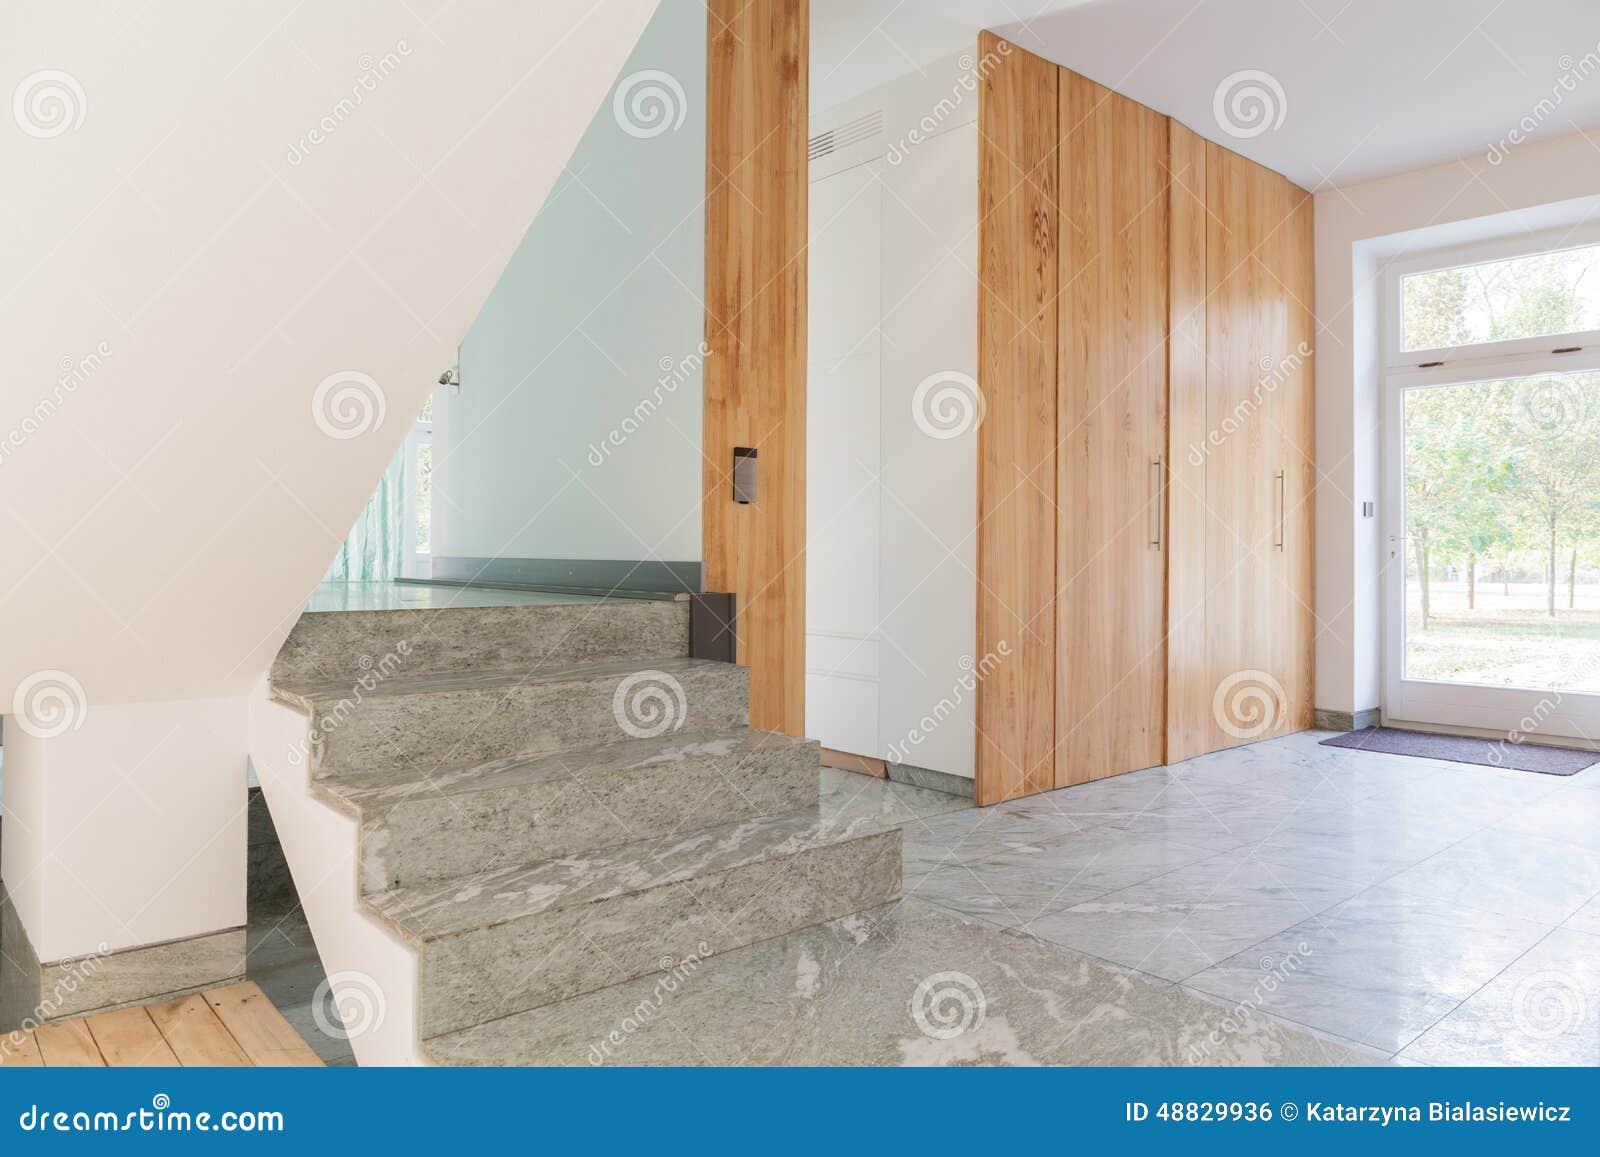 台阶看法在现代房子里.图片